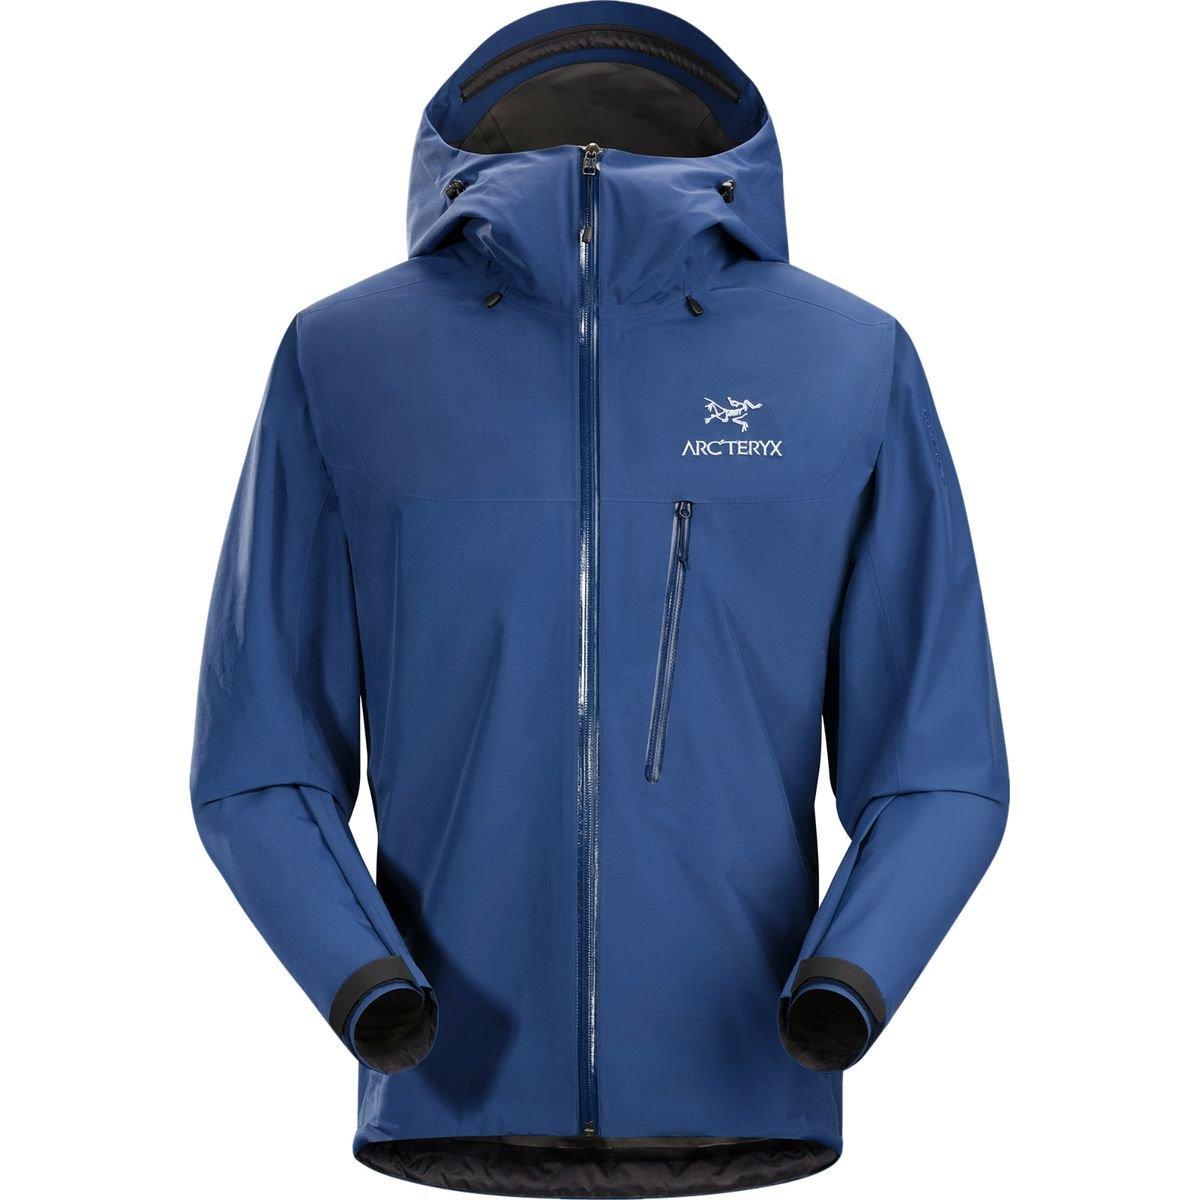 アークテリクス(アークテリクス) ALPHA SL JACKET メンズ ハードシェルジャケット L06626200-MAGMA B01GFJN94I Small|Corvo Blue Corvo Blue Small